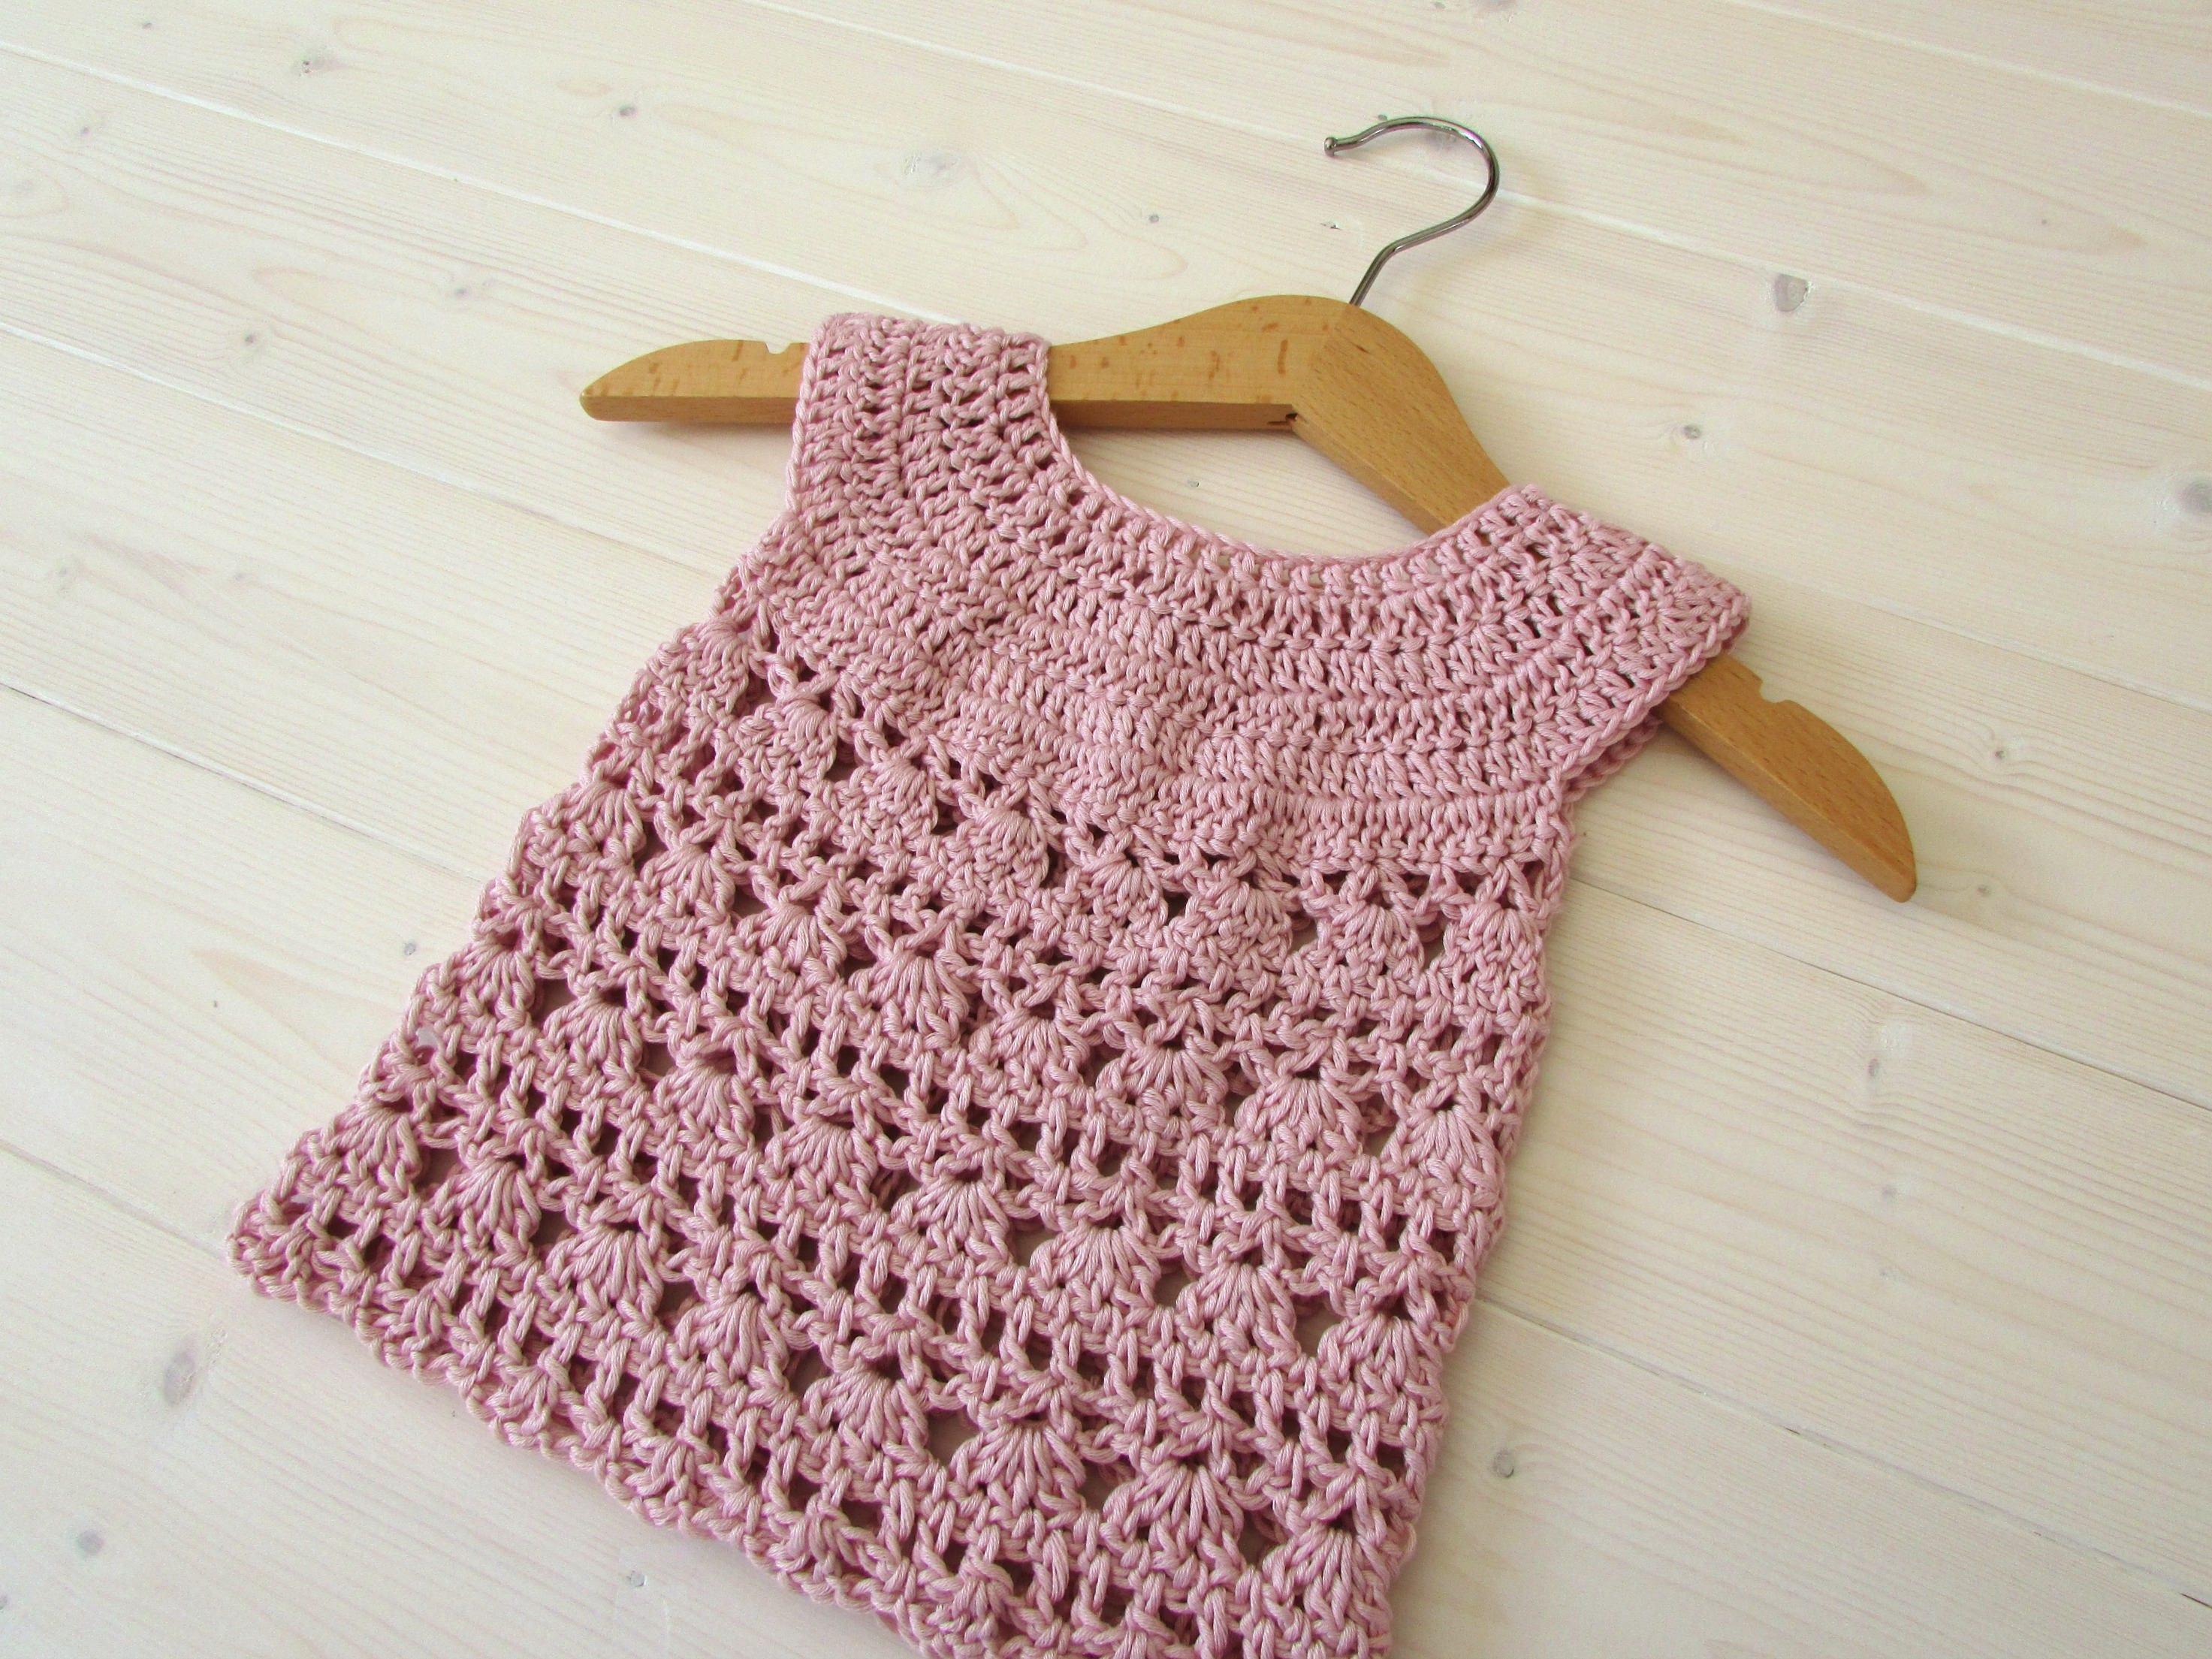 Crochet Lace Baby Dress Written Pattern